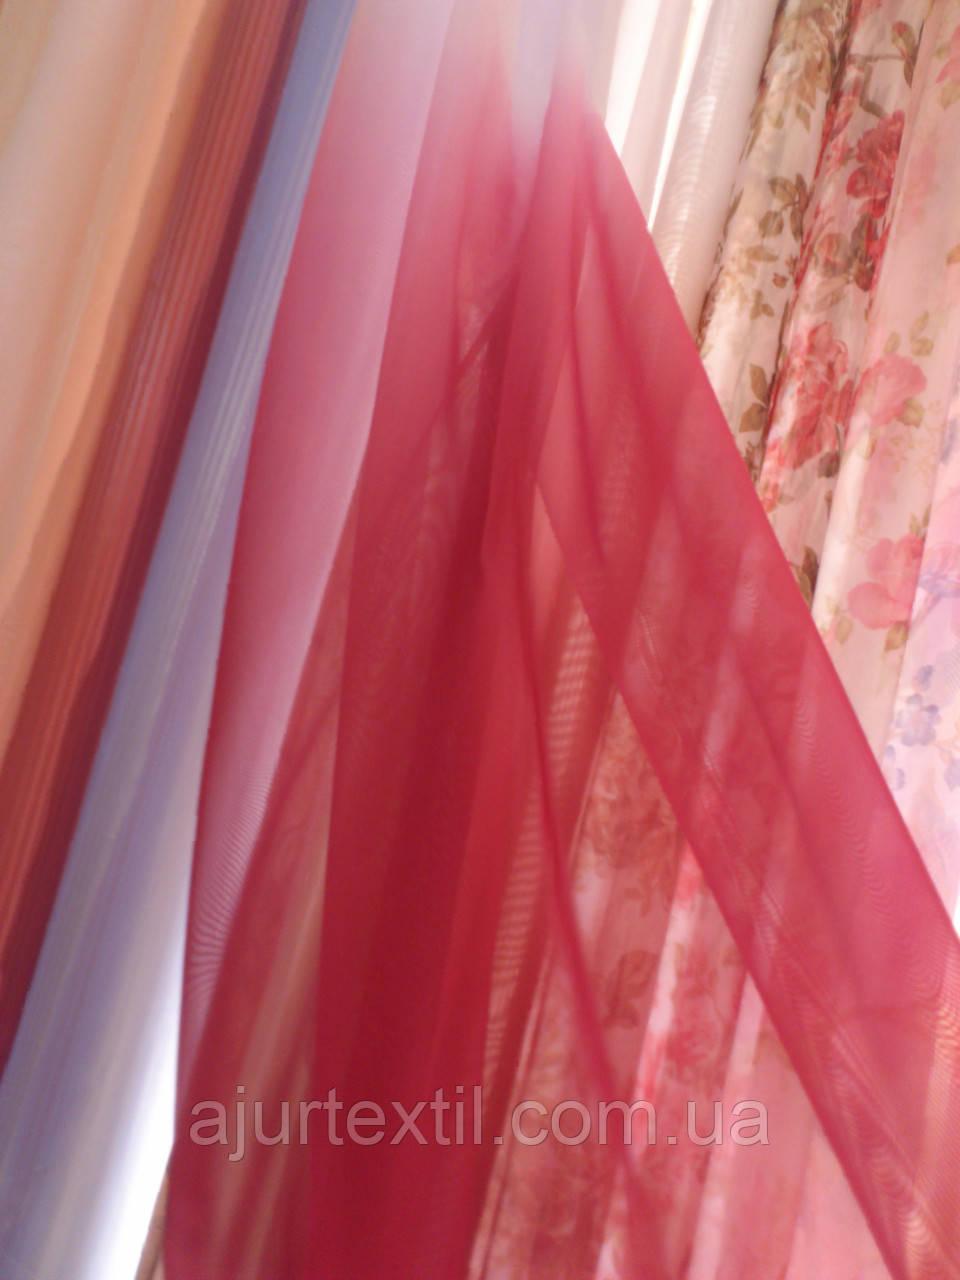 Тюль вуаль бордово-вишнево-белая